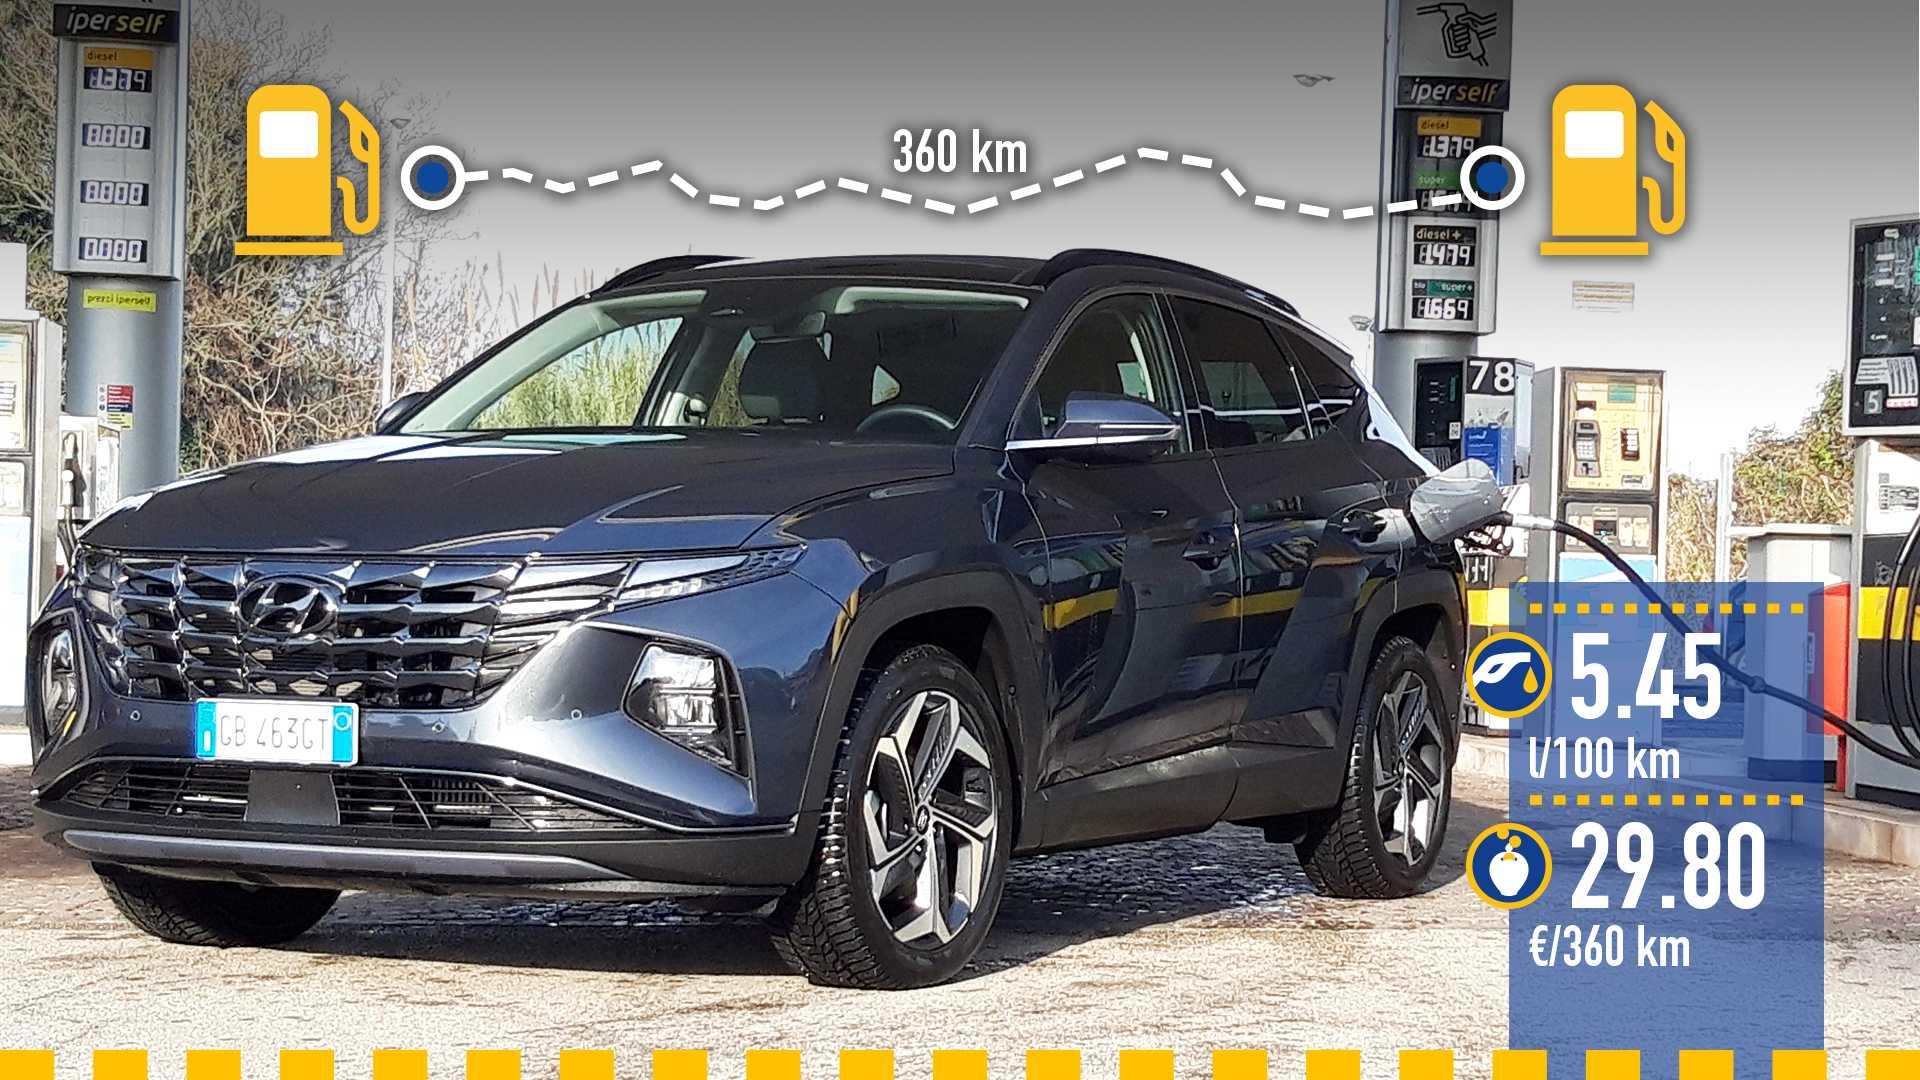 Nuova Hyundai Tucson ibrida, la prova dei consumi reali